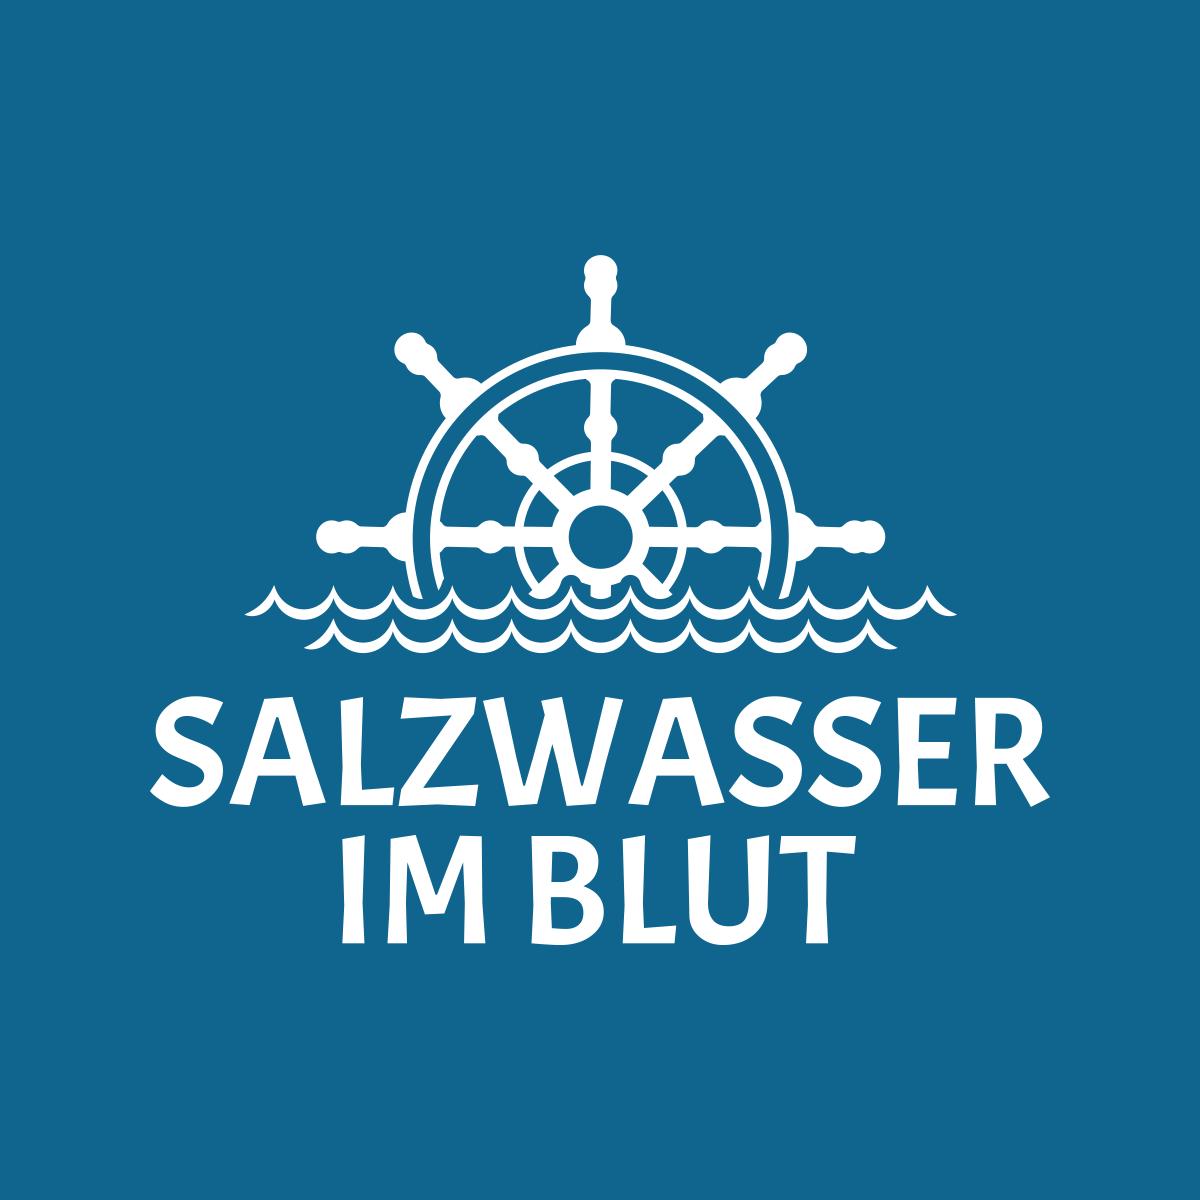 Salzwasser im Blut -TYP01B